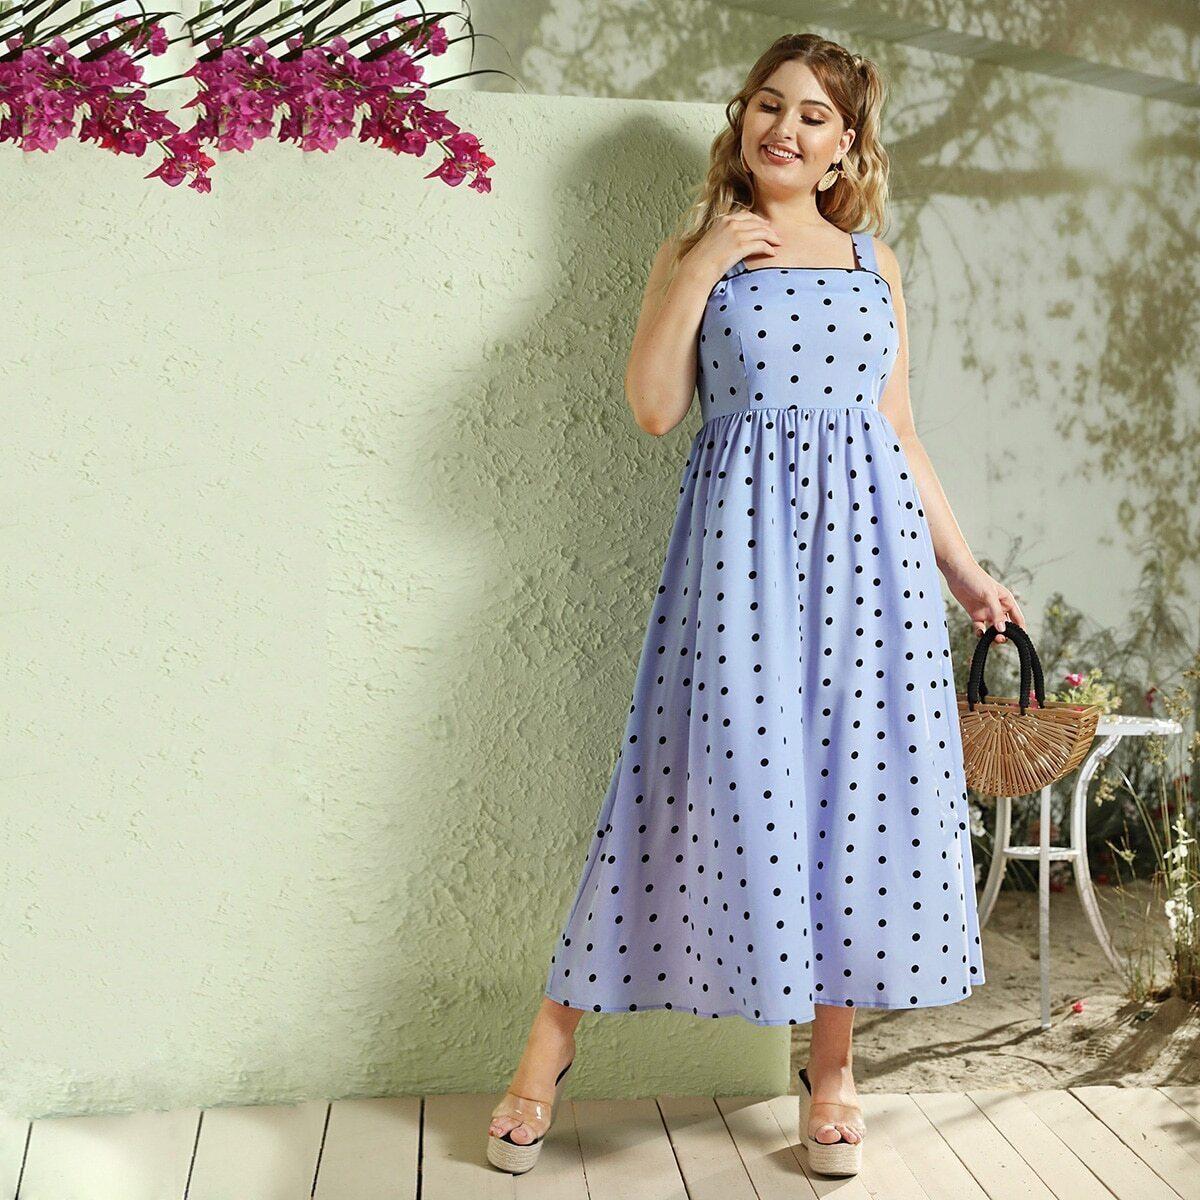 Cami Kleid in Übergröße mit Punkten Muster und Reißverschluss hinten